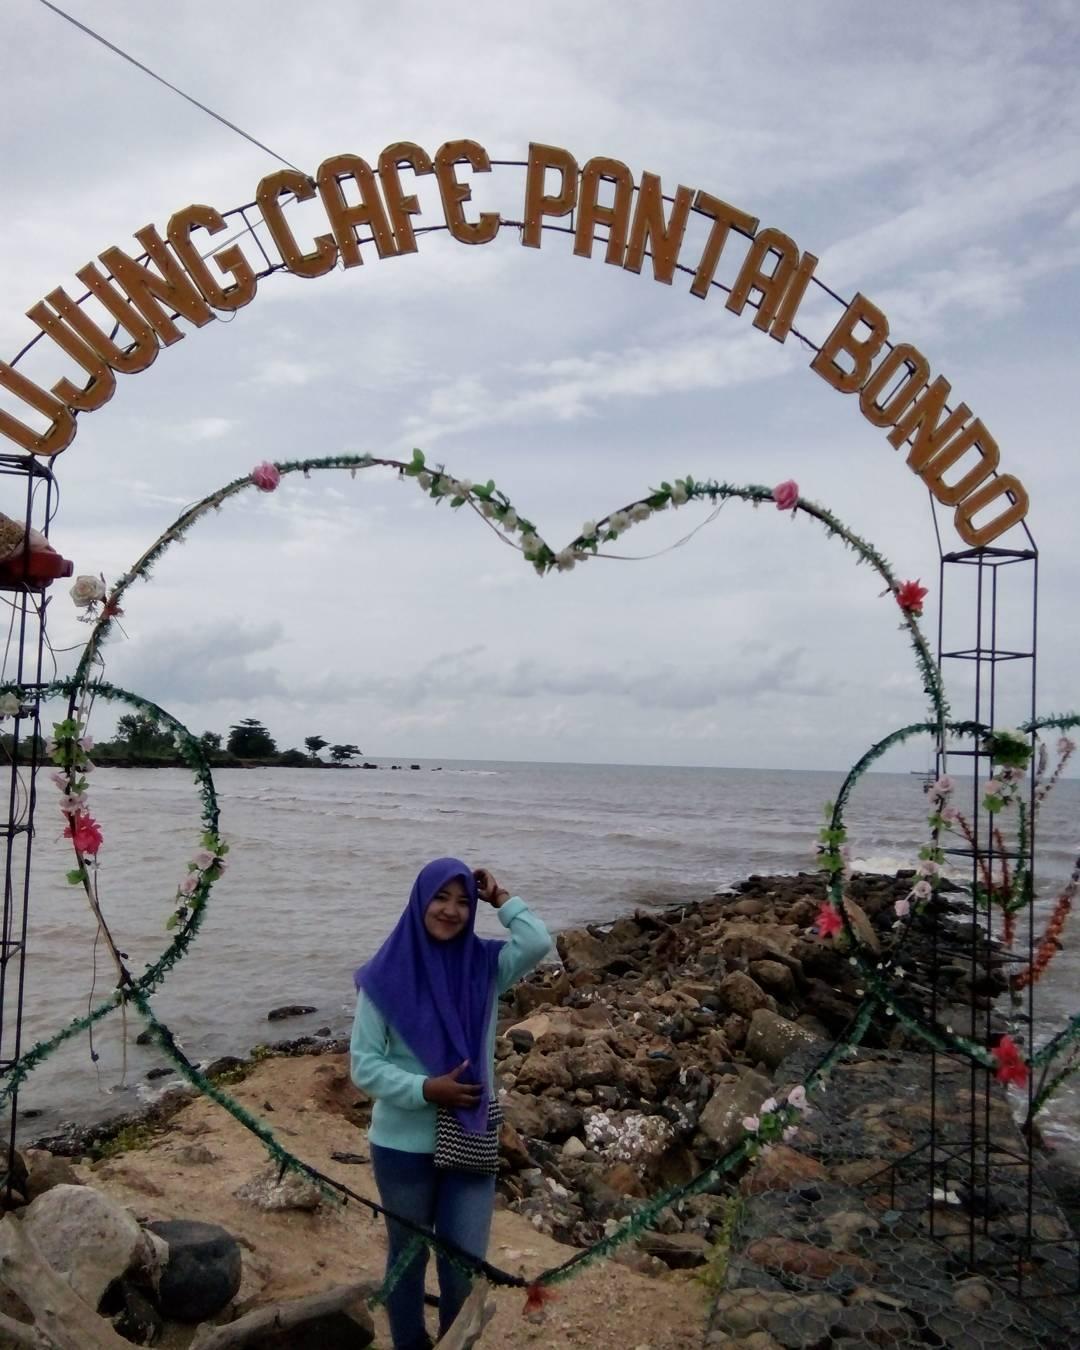 Pantai Bondo Jepara : pantai, bondo, jepara, Wisata, Pantai, Bondo, Jepara, Travel, Guide